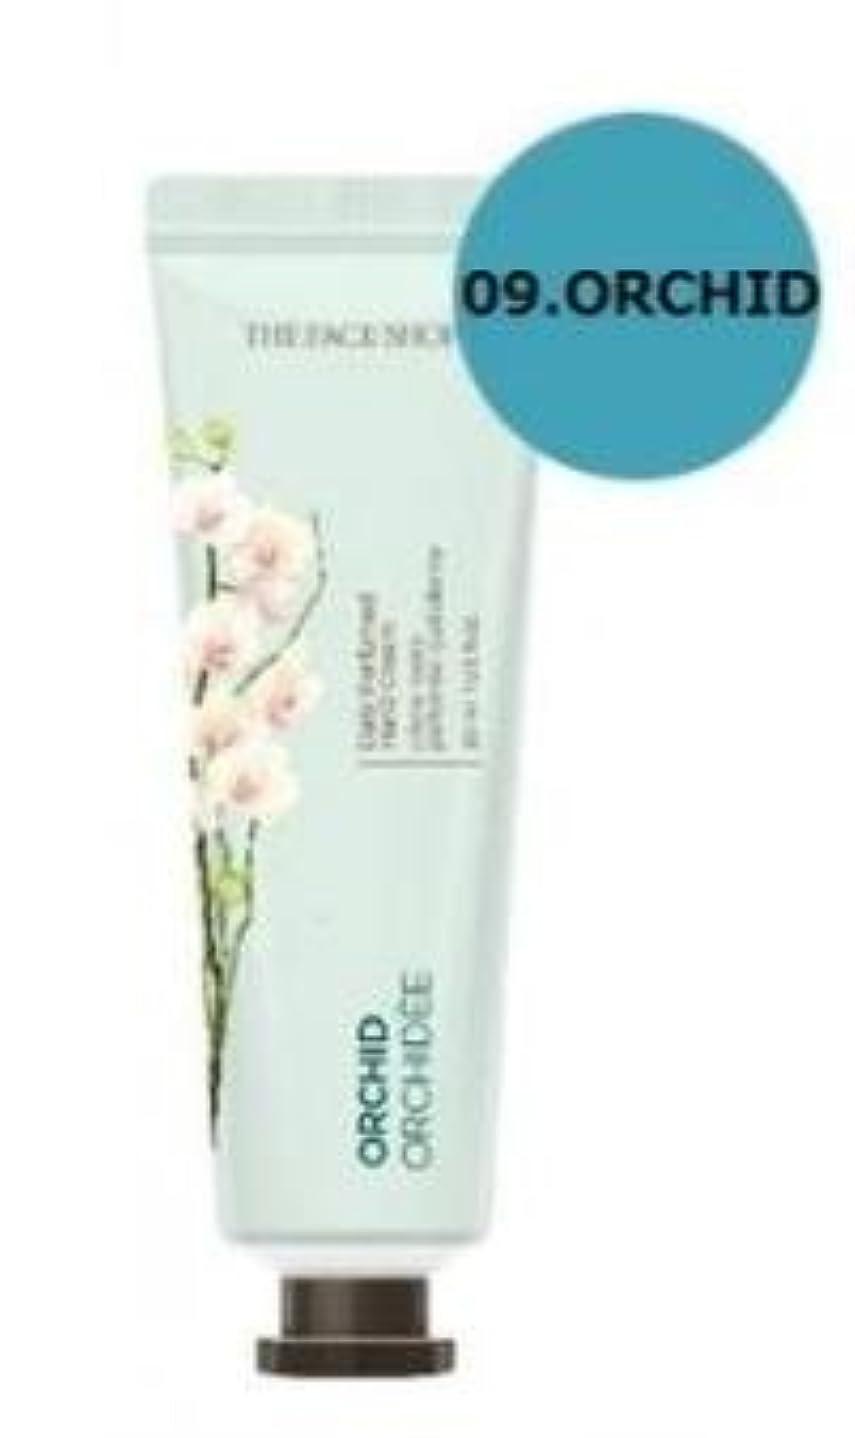 はげ誰が私達THE FACE SHOP Daily Perfume Hand Cream [09. Orchid] ザフェイスショップ デイリーパフュームハンドクリーム [09.オーキッド] [new] [並行輸入品]